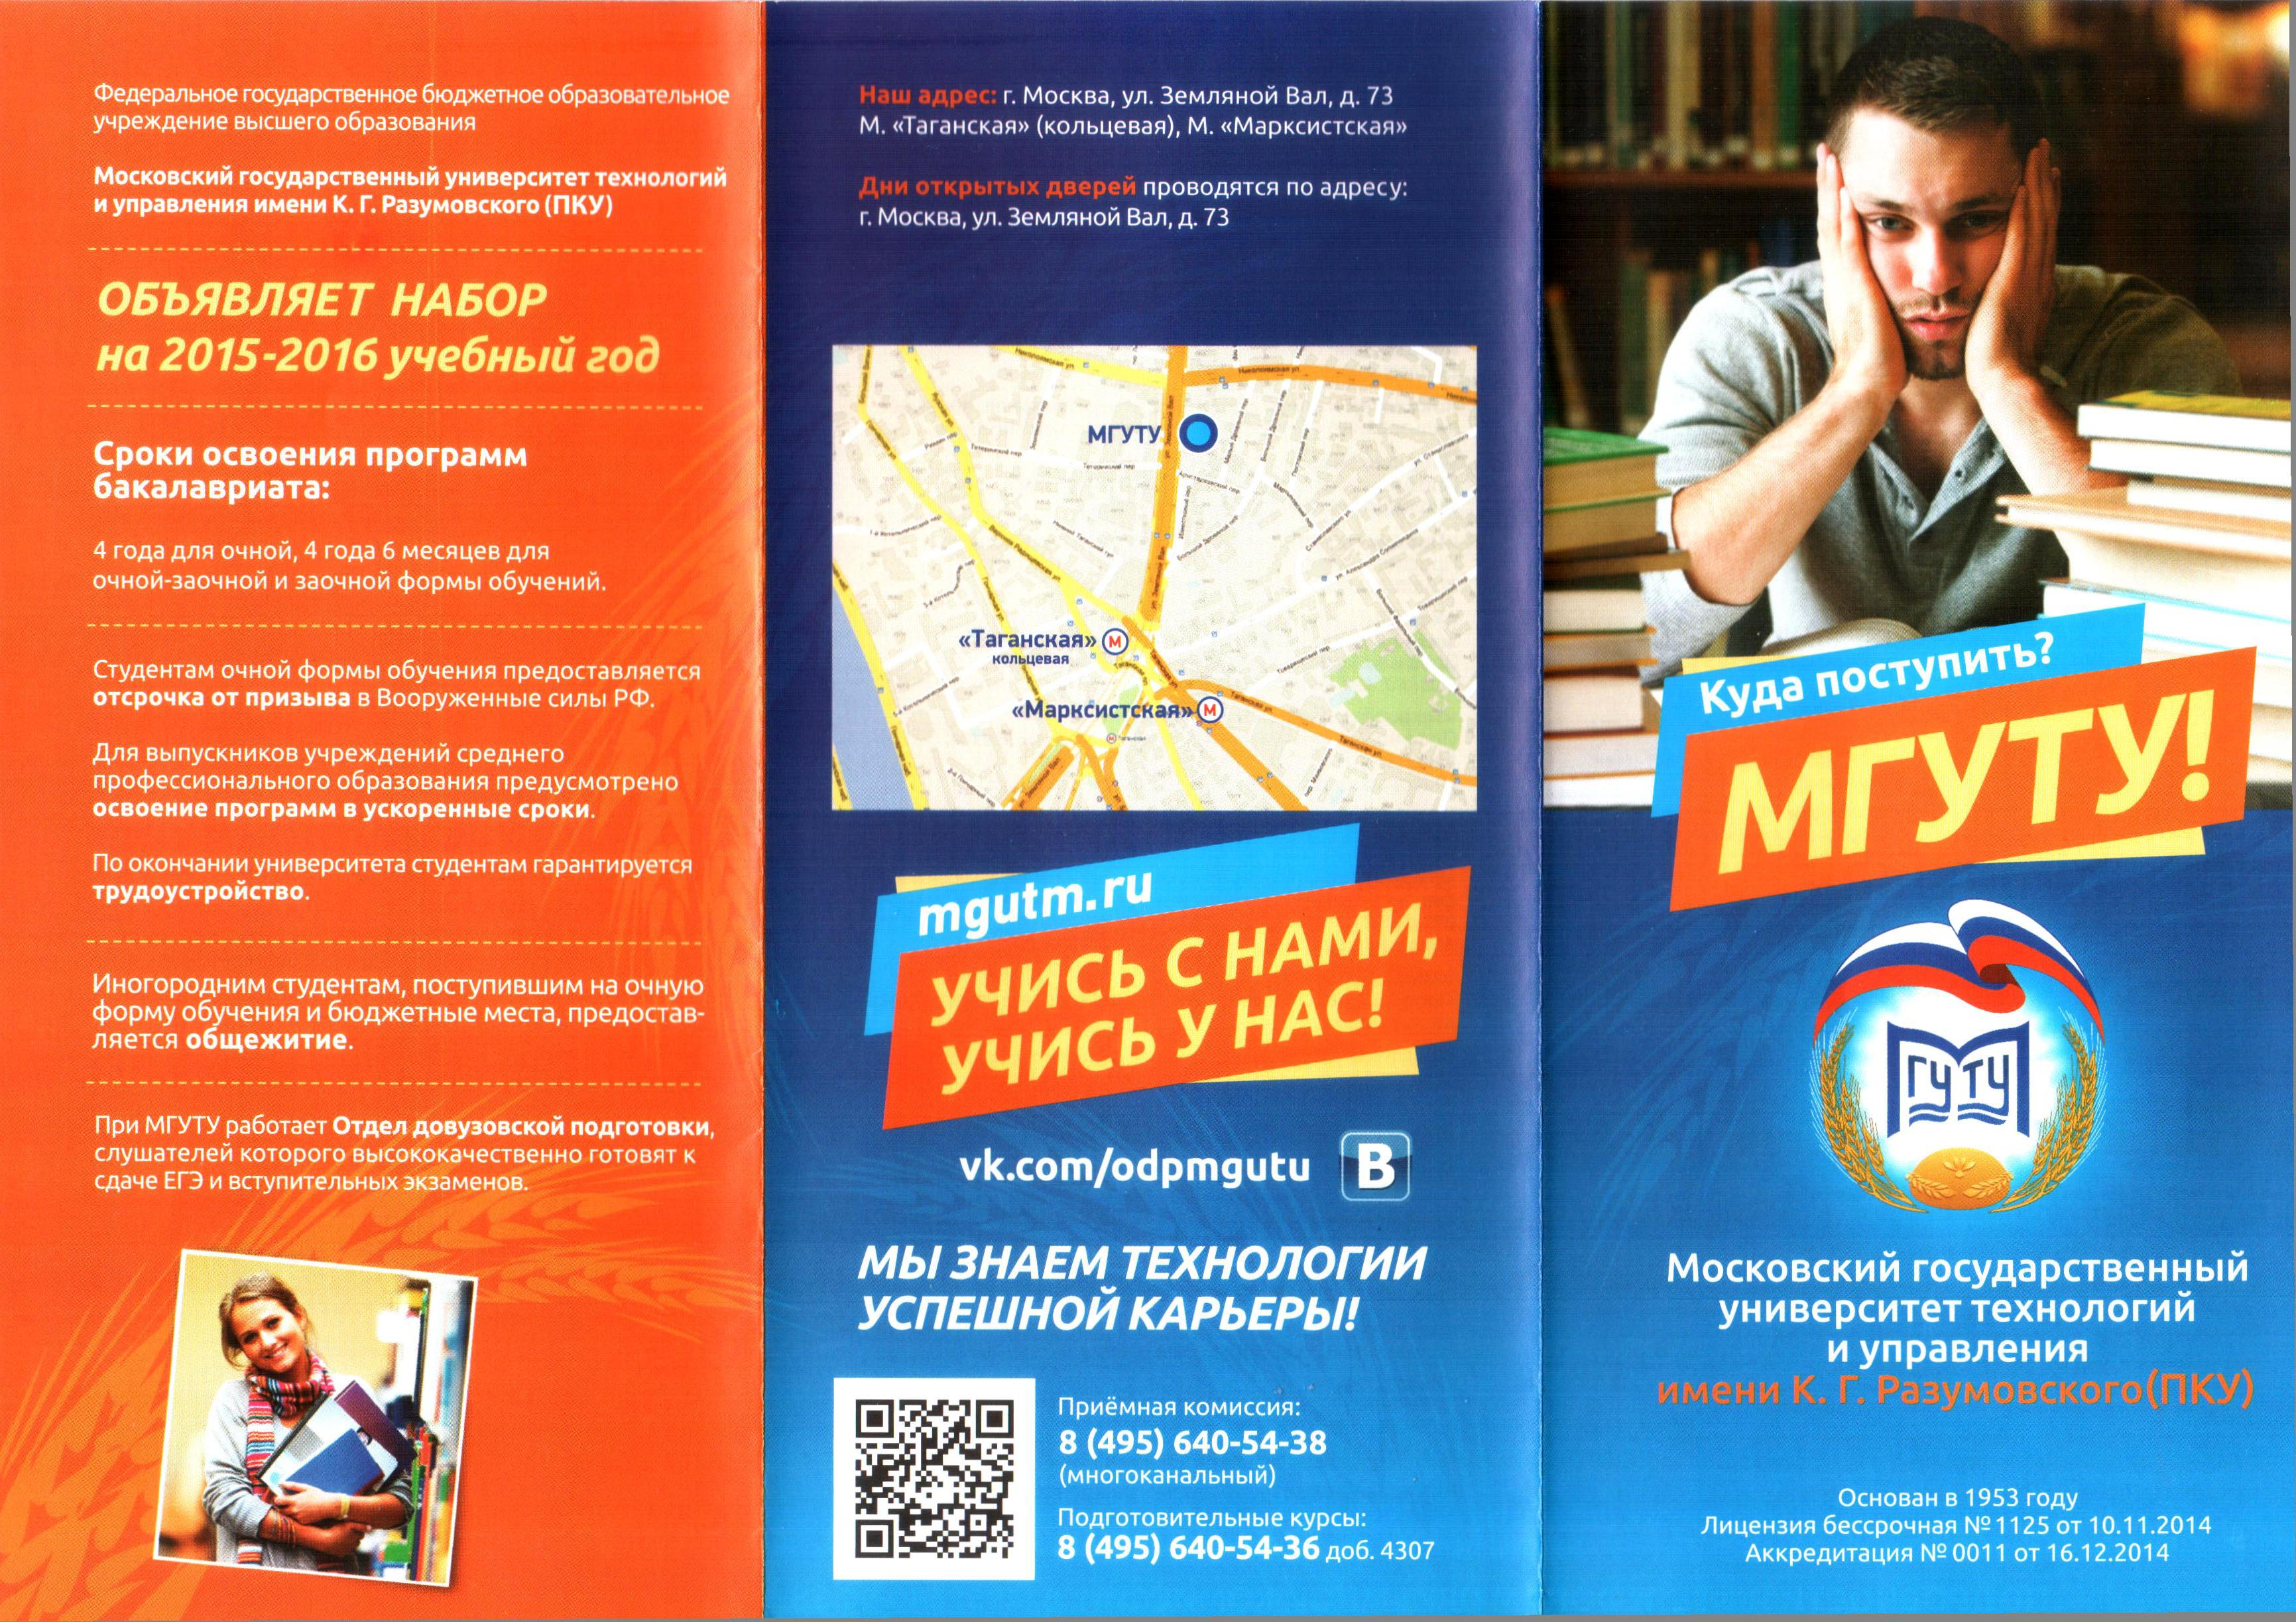 https://img-fotki.yandex.ru/get/43546/17259814.15/0_93019_c5542920_orig